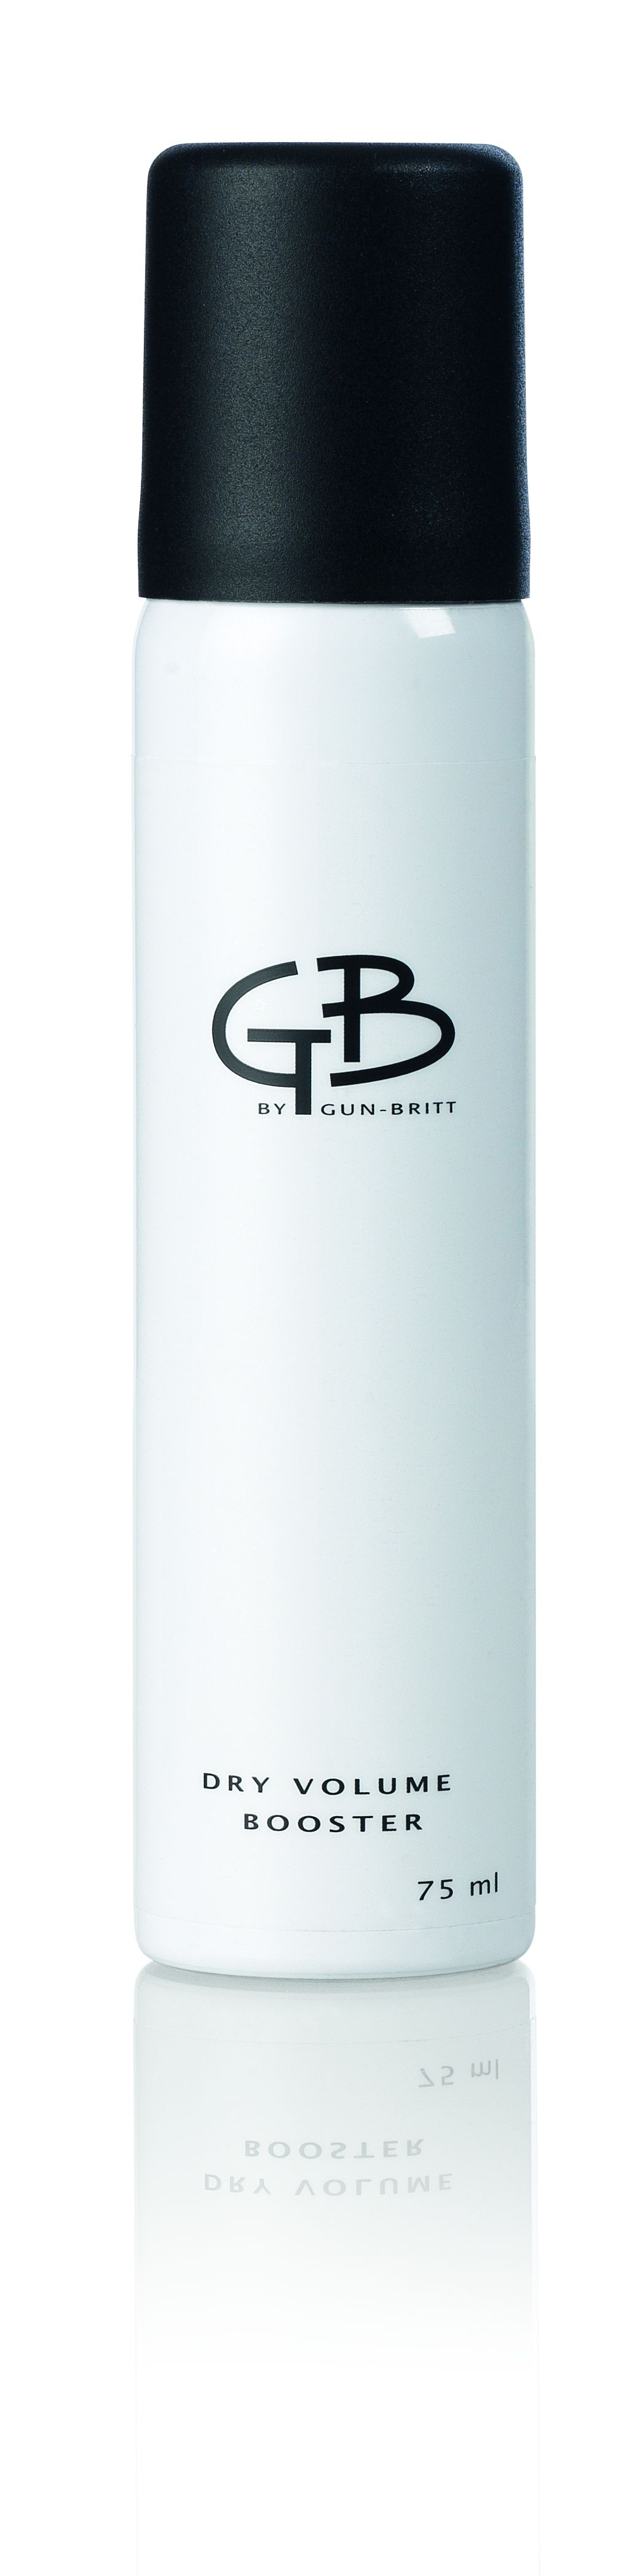 GB by Gun-Britt dry volume booster, dark 75 ml